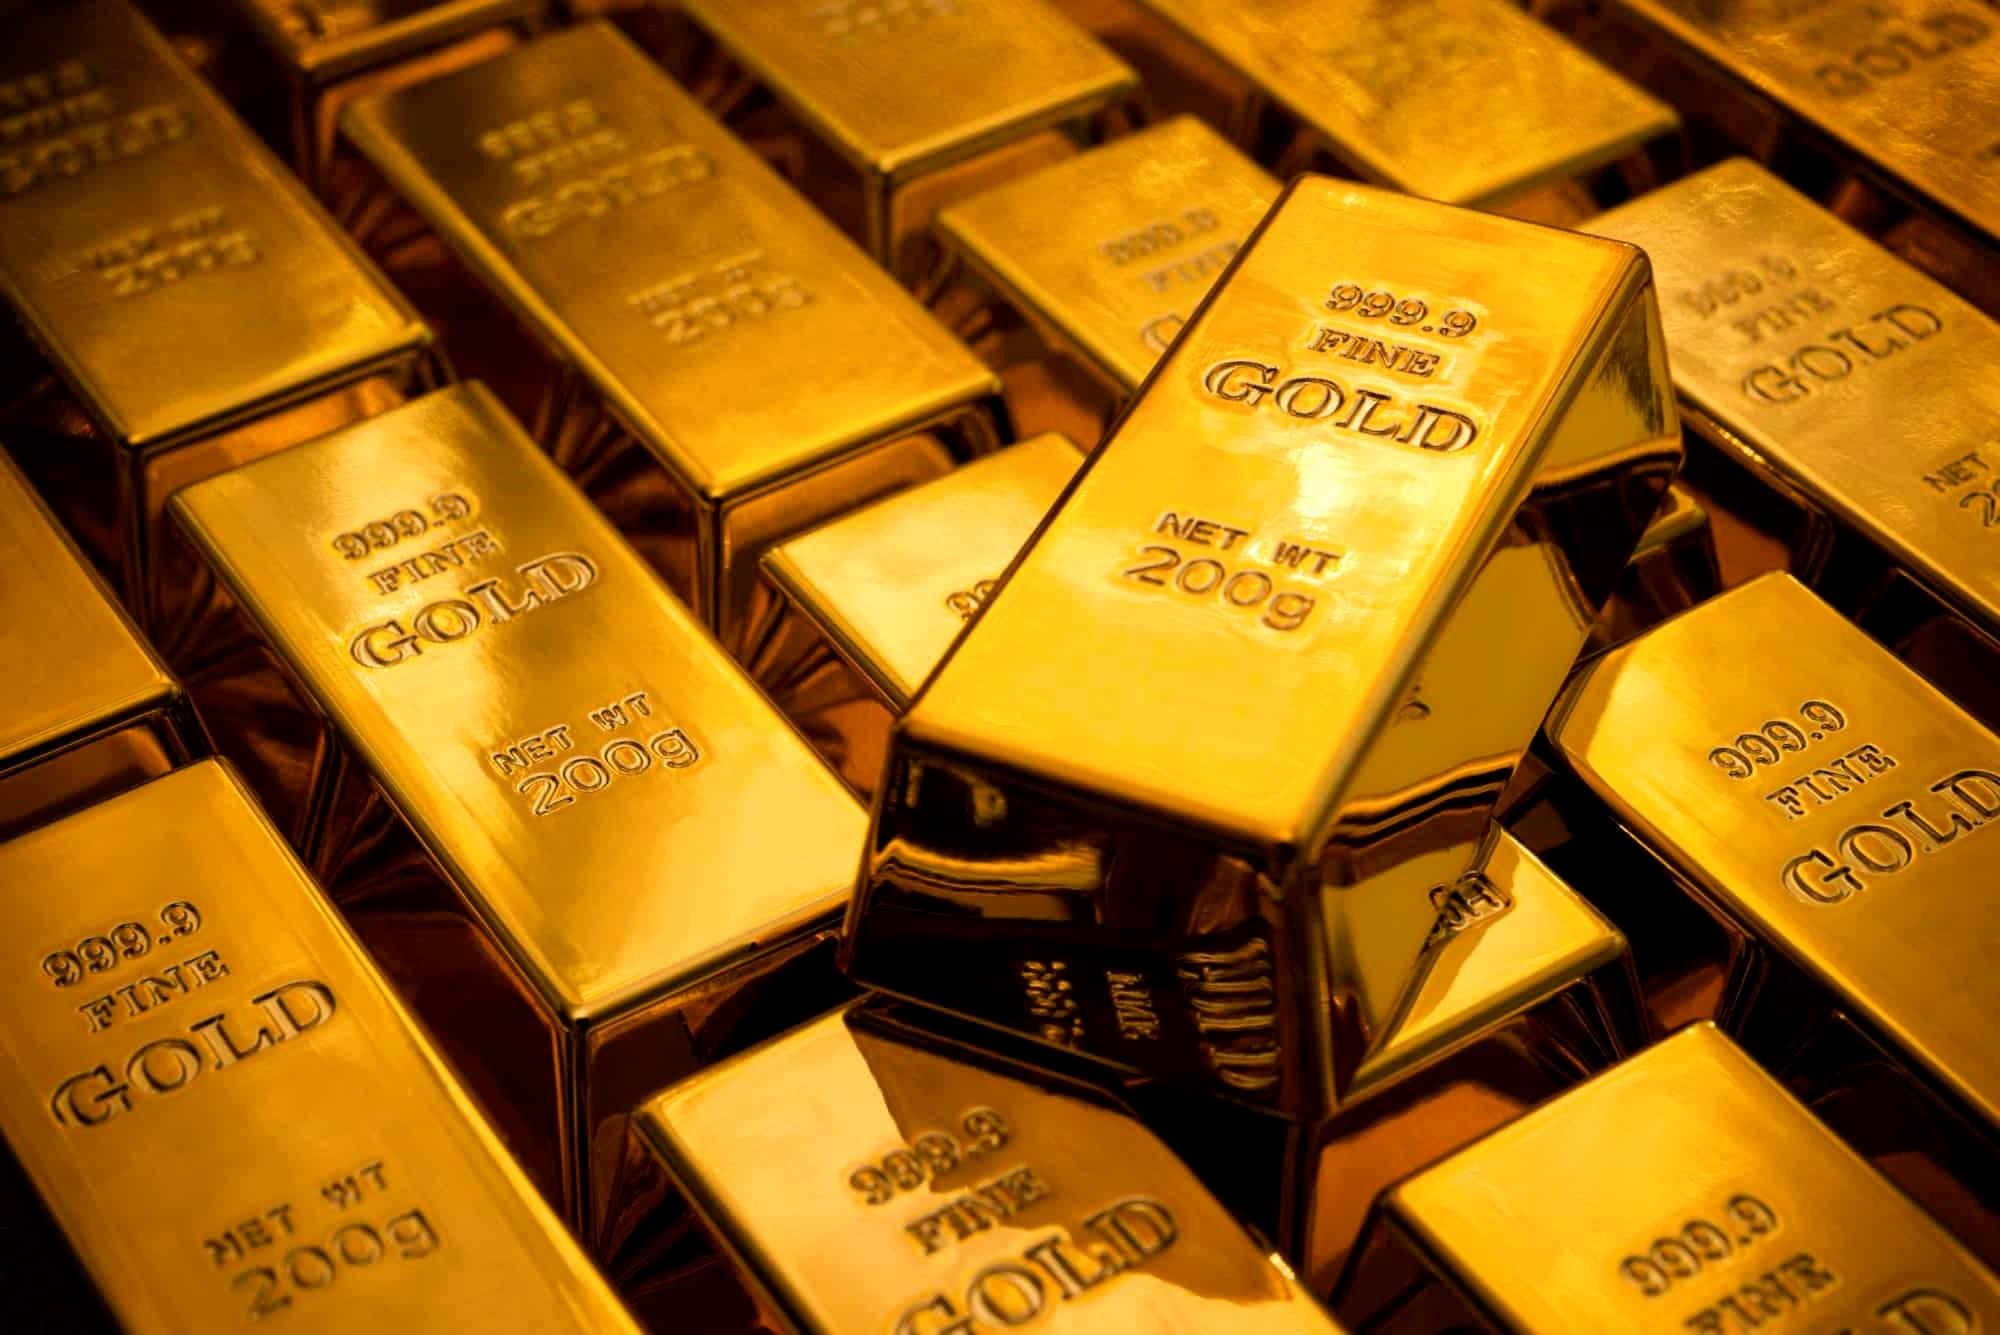 الذهب مستقر فوق 1800 دولار بفعل تنامي مخاوف الفيروس